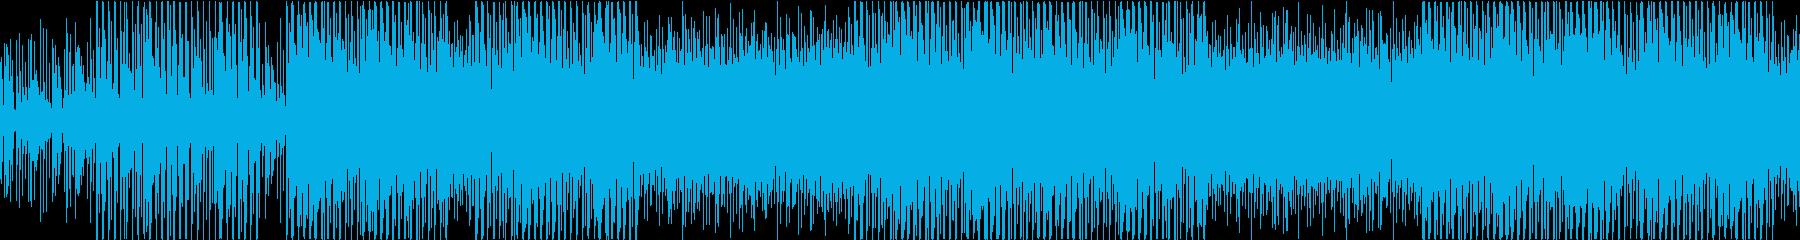 セクシーなラテンハウスの再生済みの波形